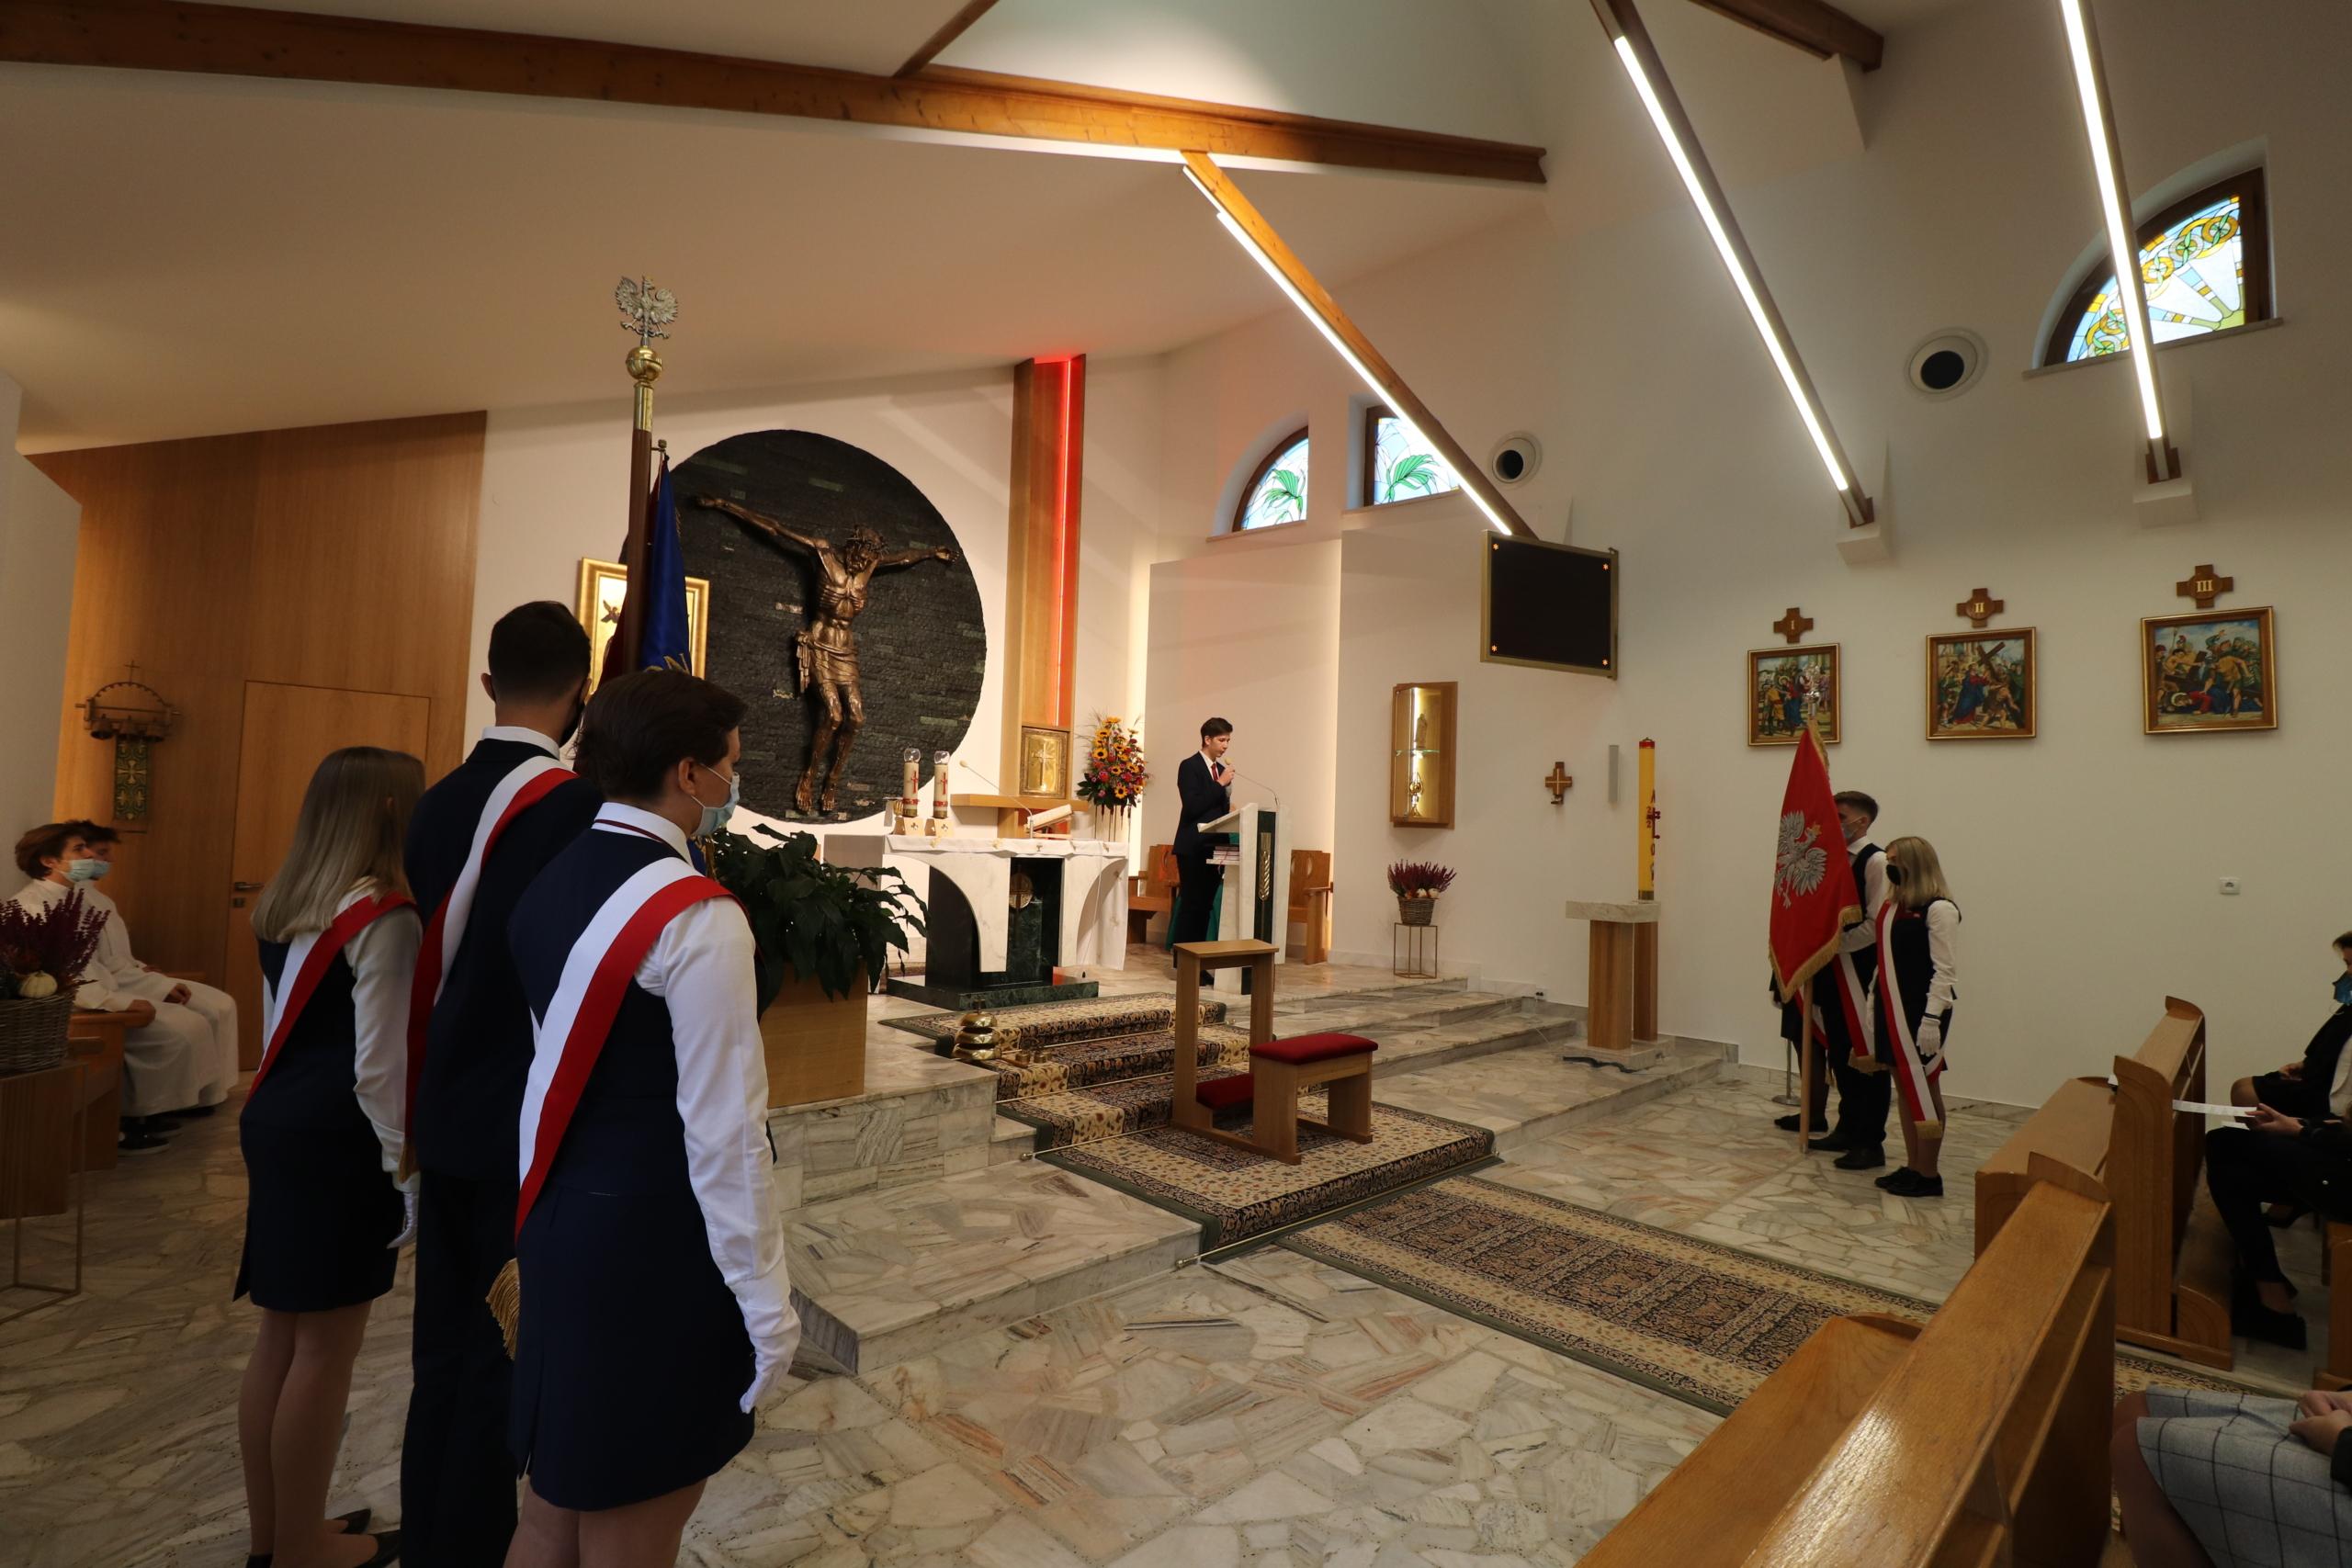 widok na kaplicę kościelną i młodzież ze sztandarem